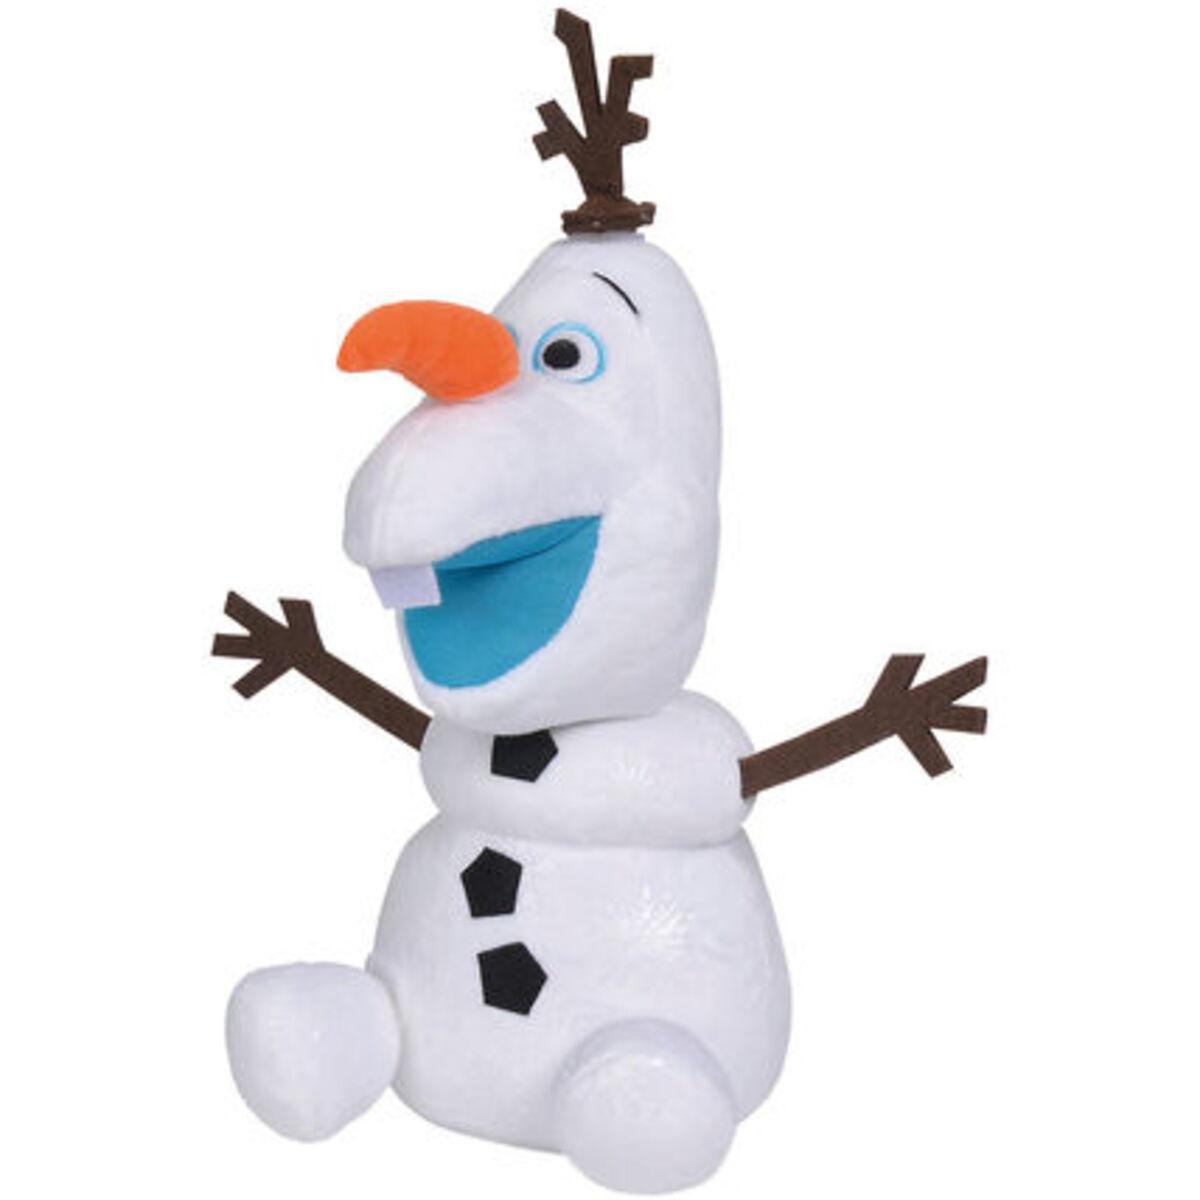 """Bild 1 von Simba Plüschfigur Olaf """"Disney Die Eiskönigin"""", weiß"""